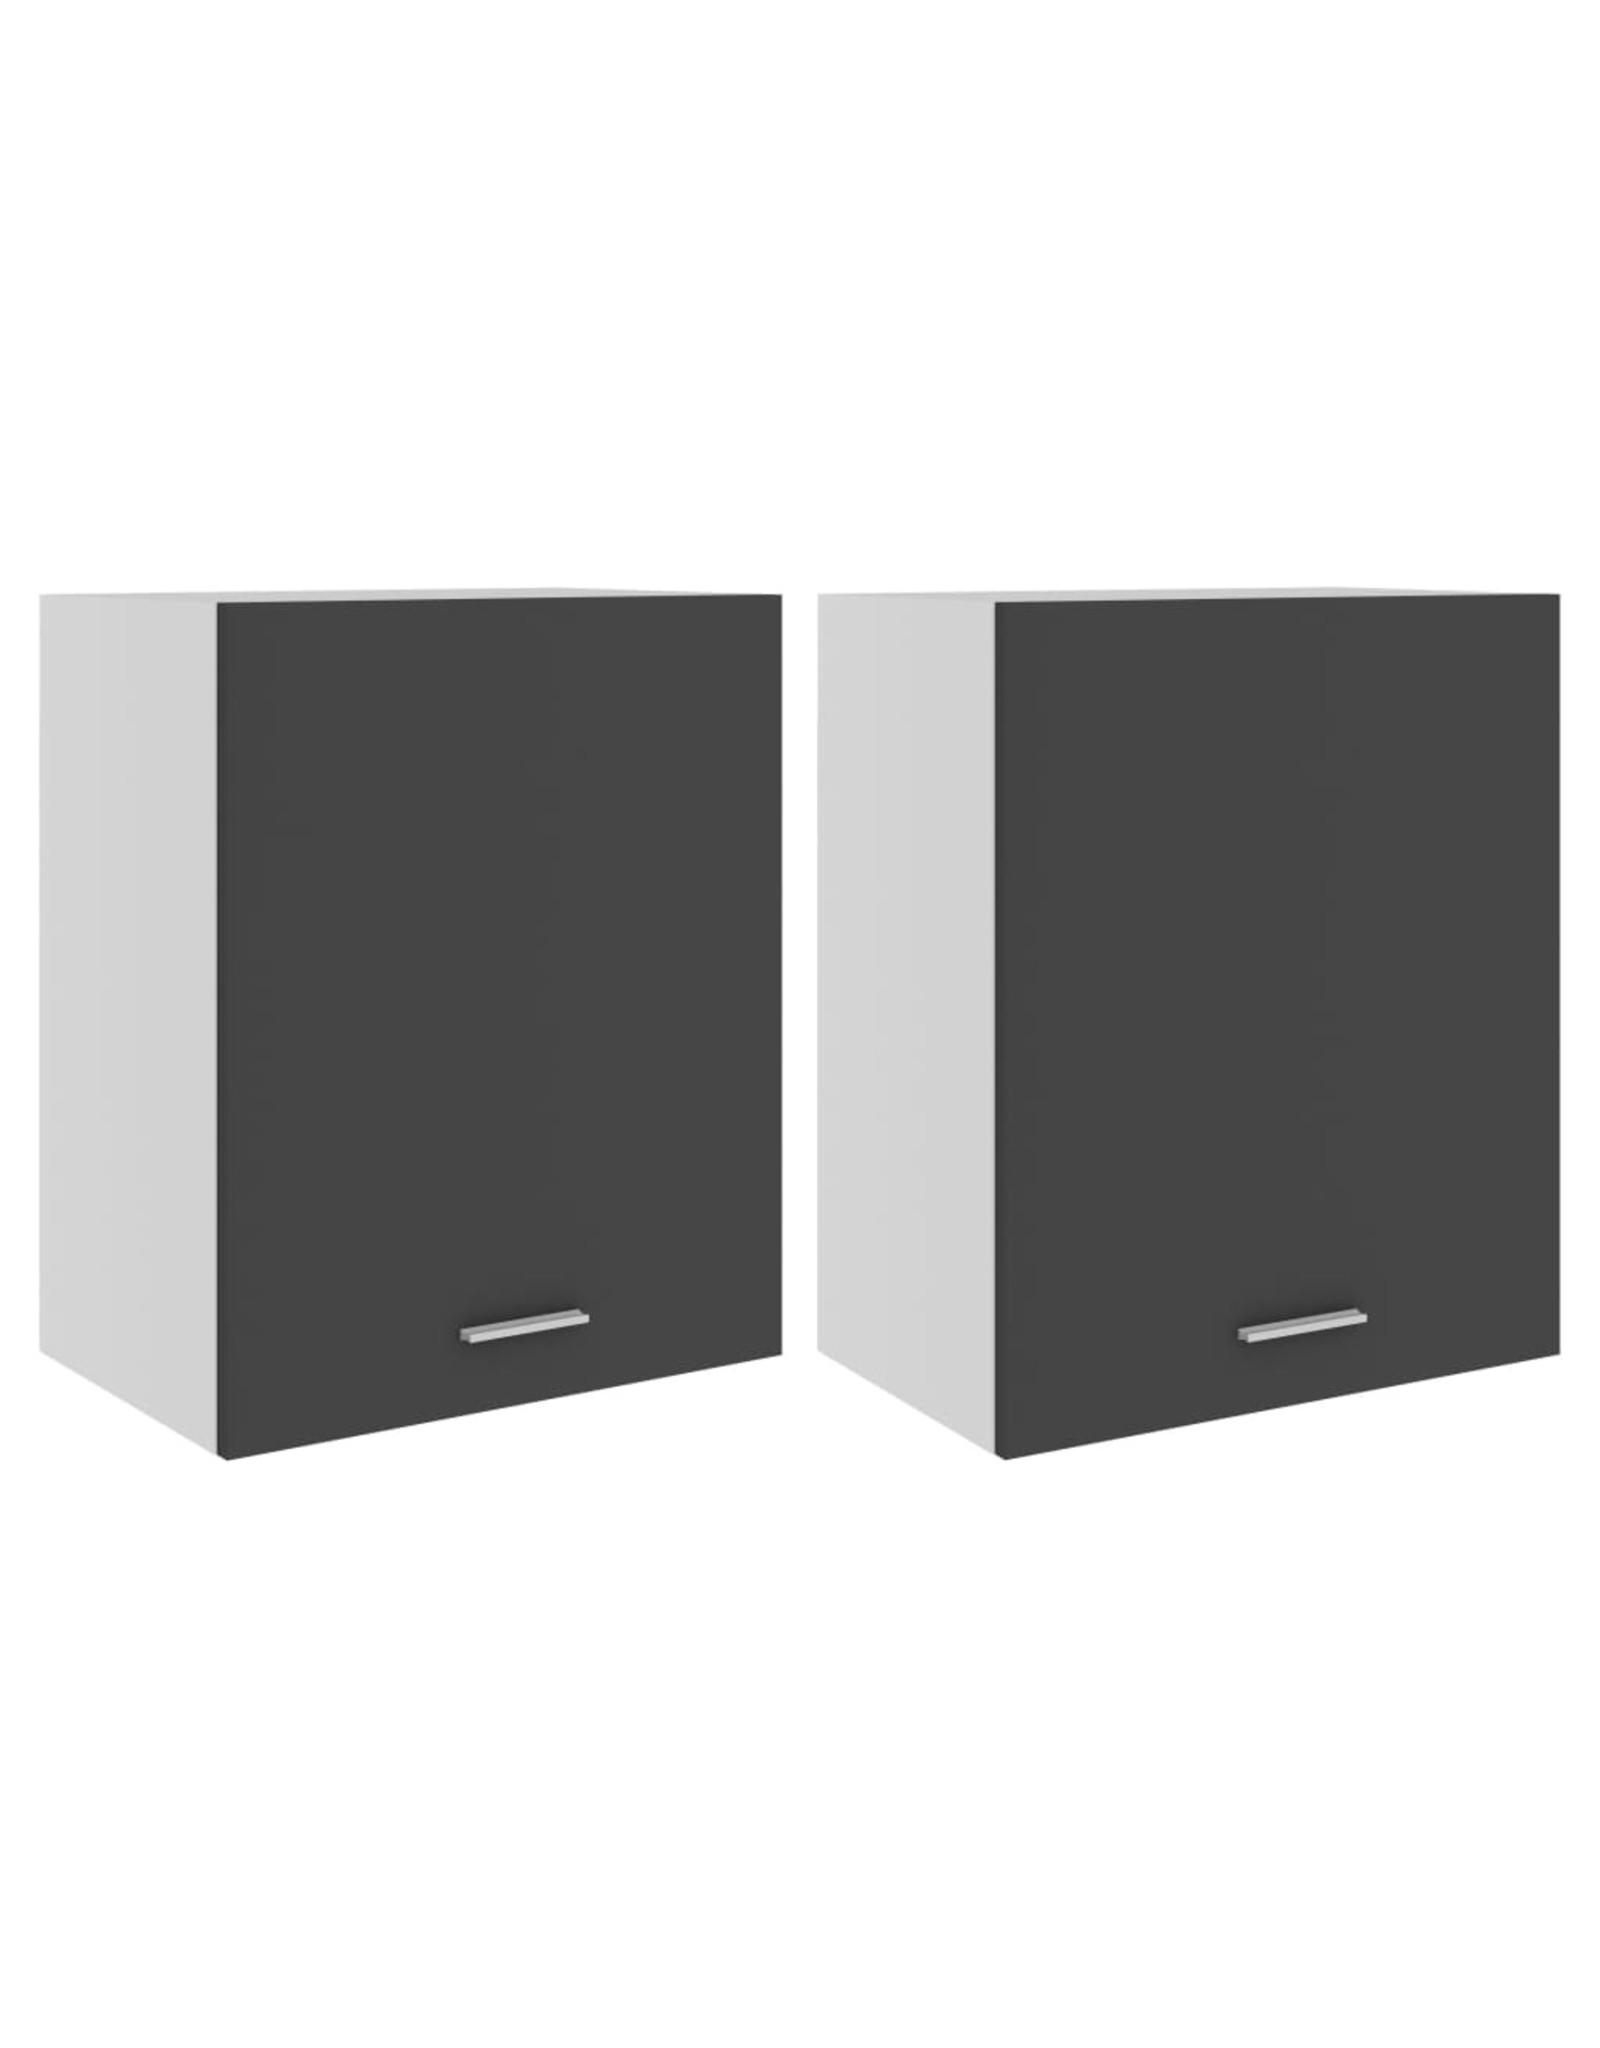 Hangkasten 2 st 50x31x60 cm spaanplaat grijs